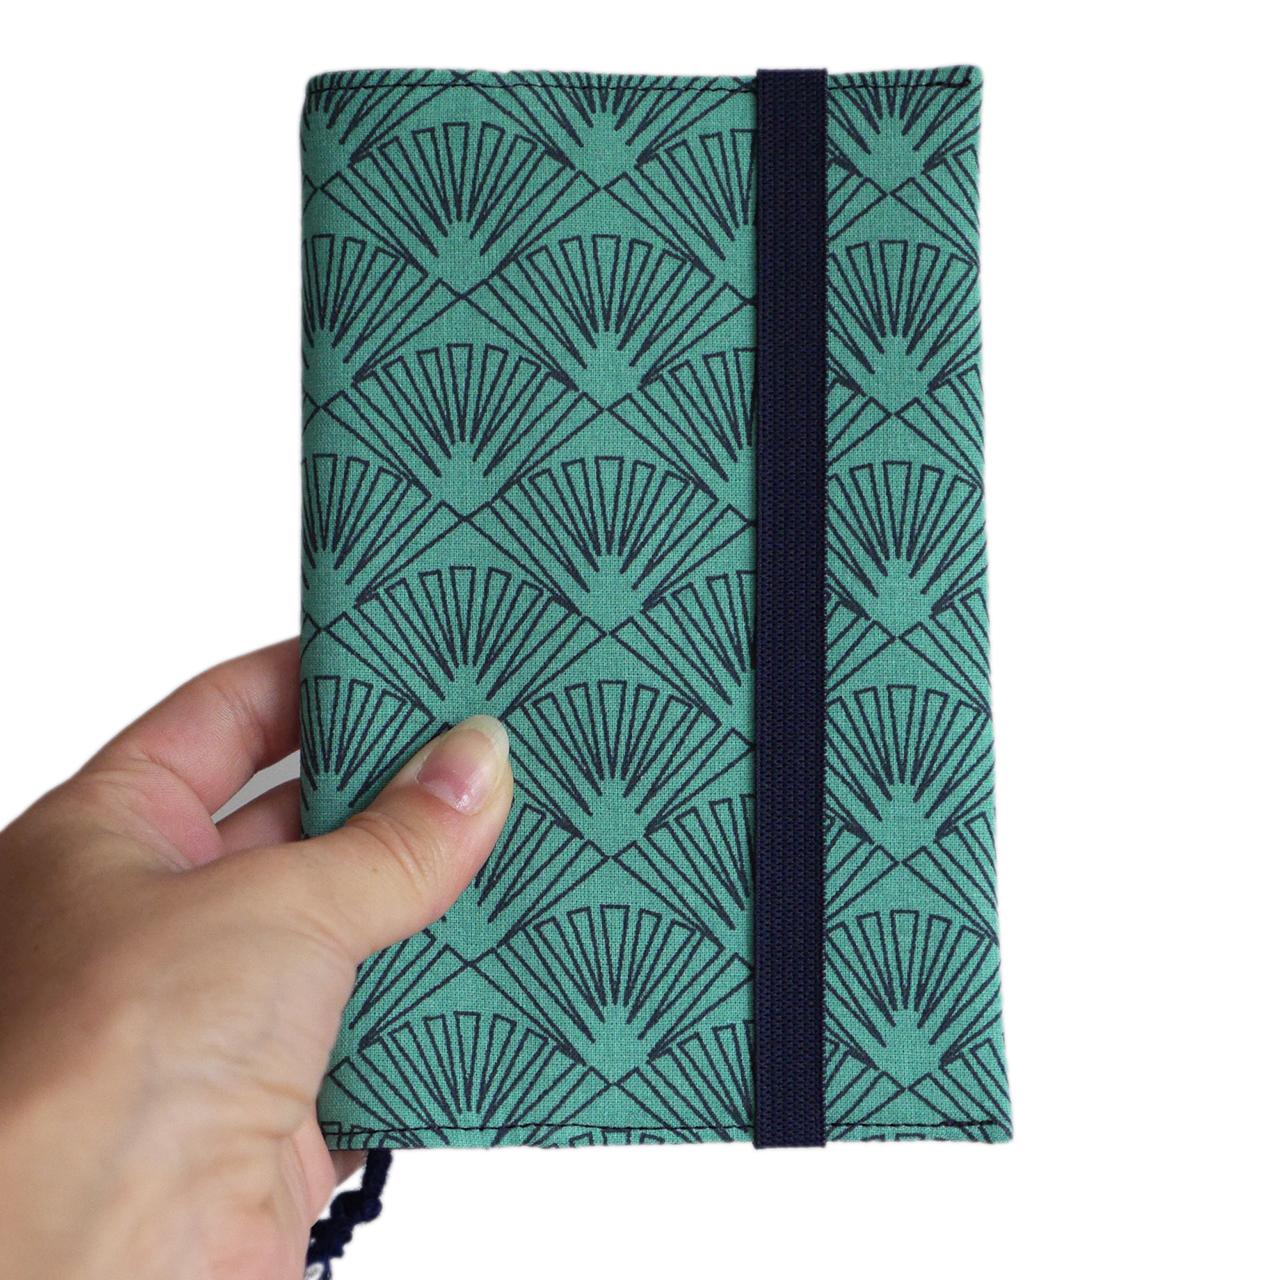 Prot/ège-passeport couverture tissu /éventail graphique bleu turquoise femme fait main japonais fermeture /élastique bleu marine